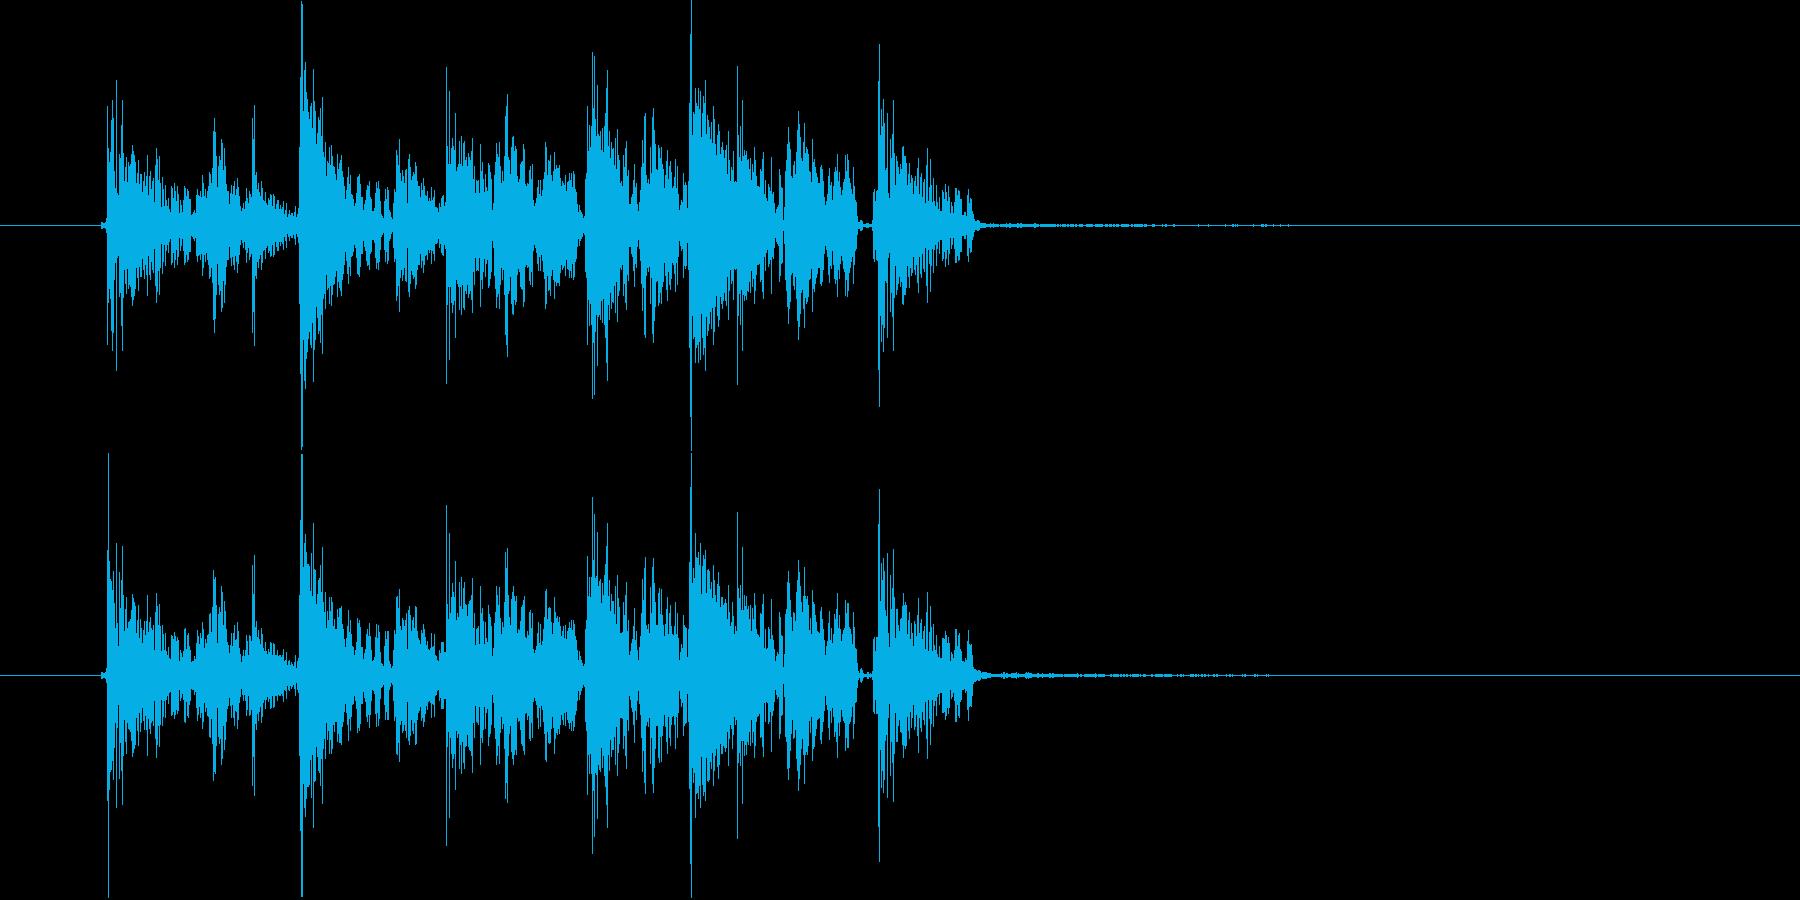 ズンズカズンズカピリリリ(ゲーム音)の再生済みの波形